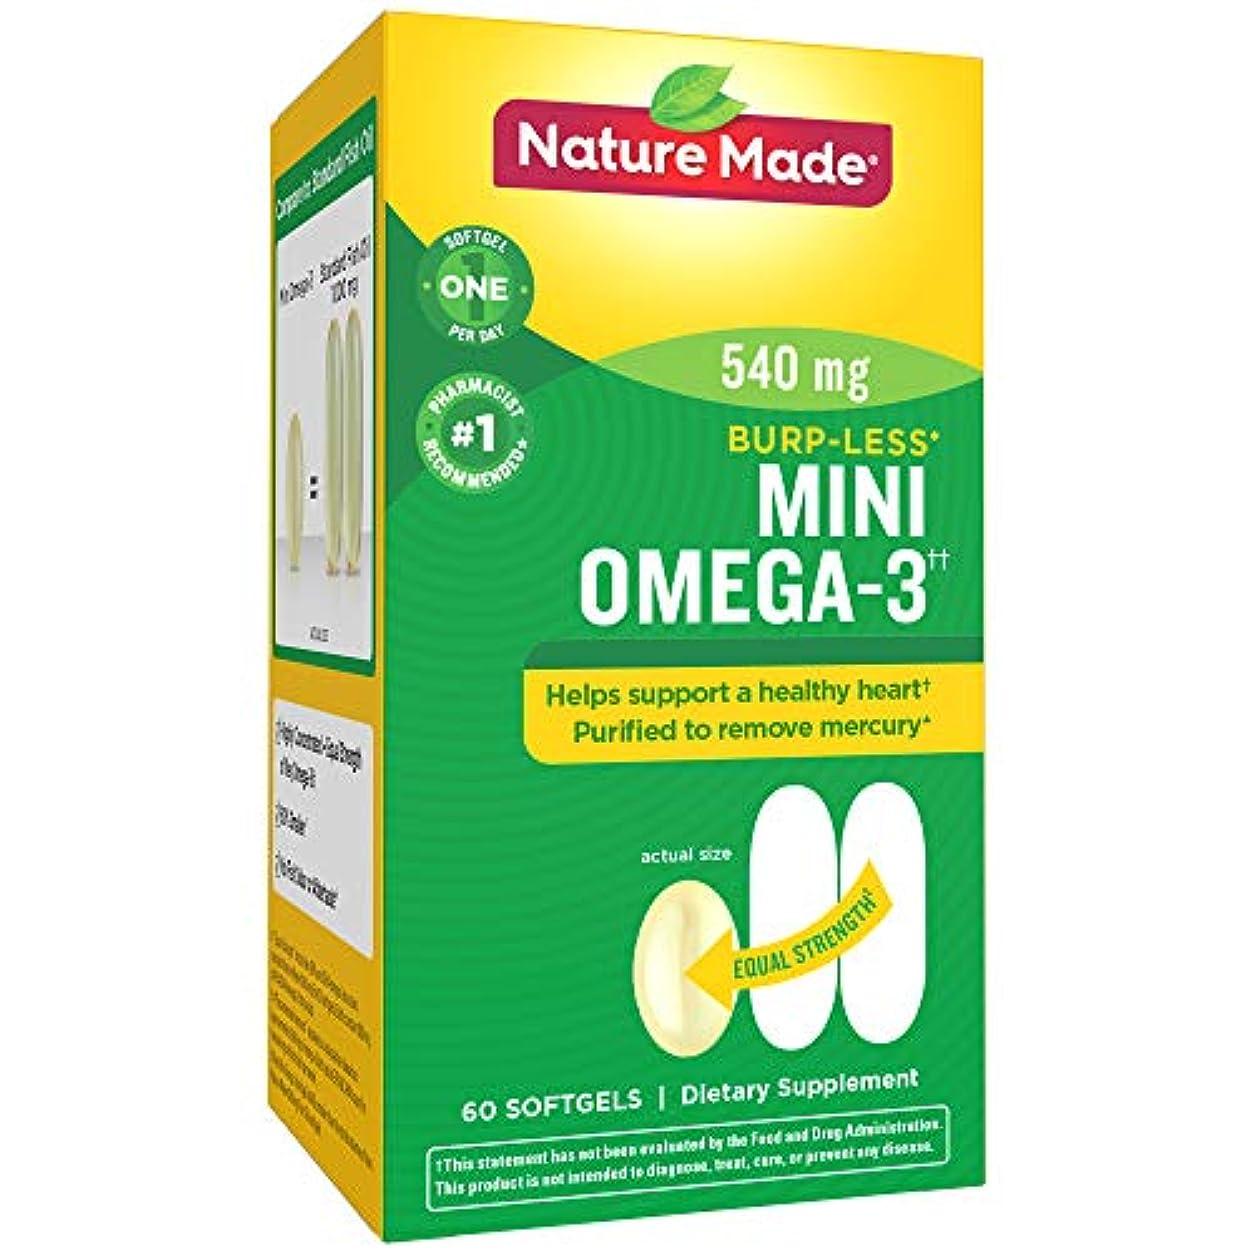 市長元のブラウスNature Made Super Omega-3 Fish Oil Full Strength Softgels, Mini, 60 Count 海外直送品